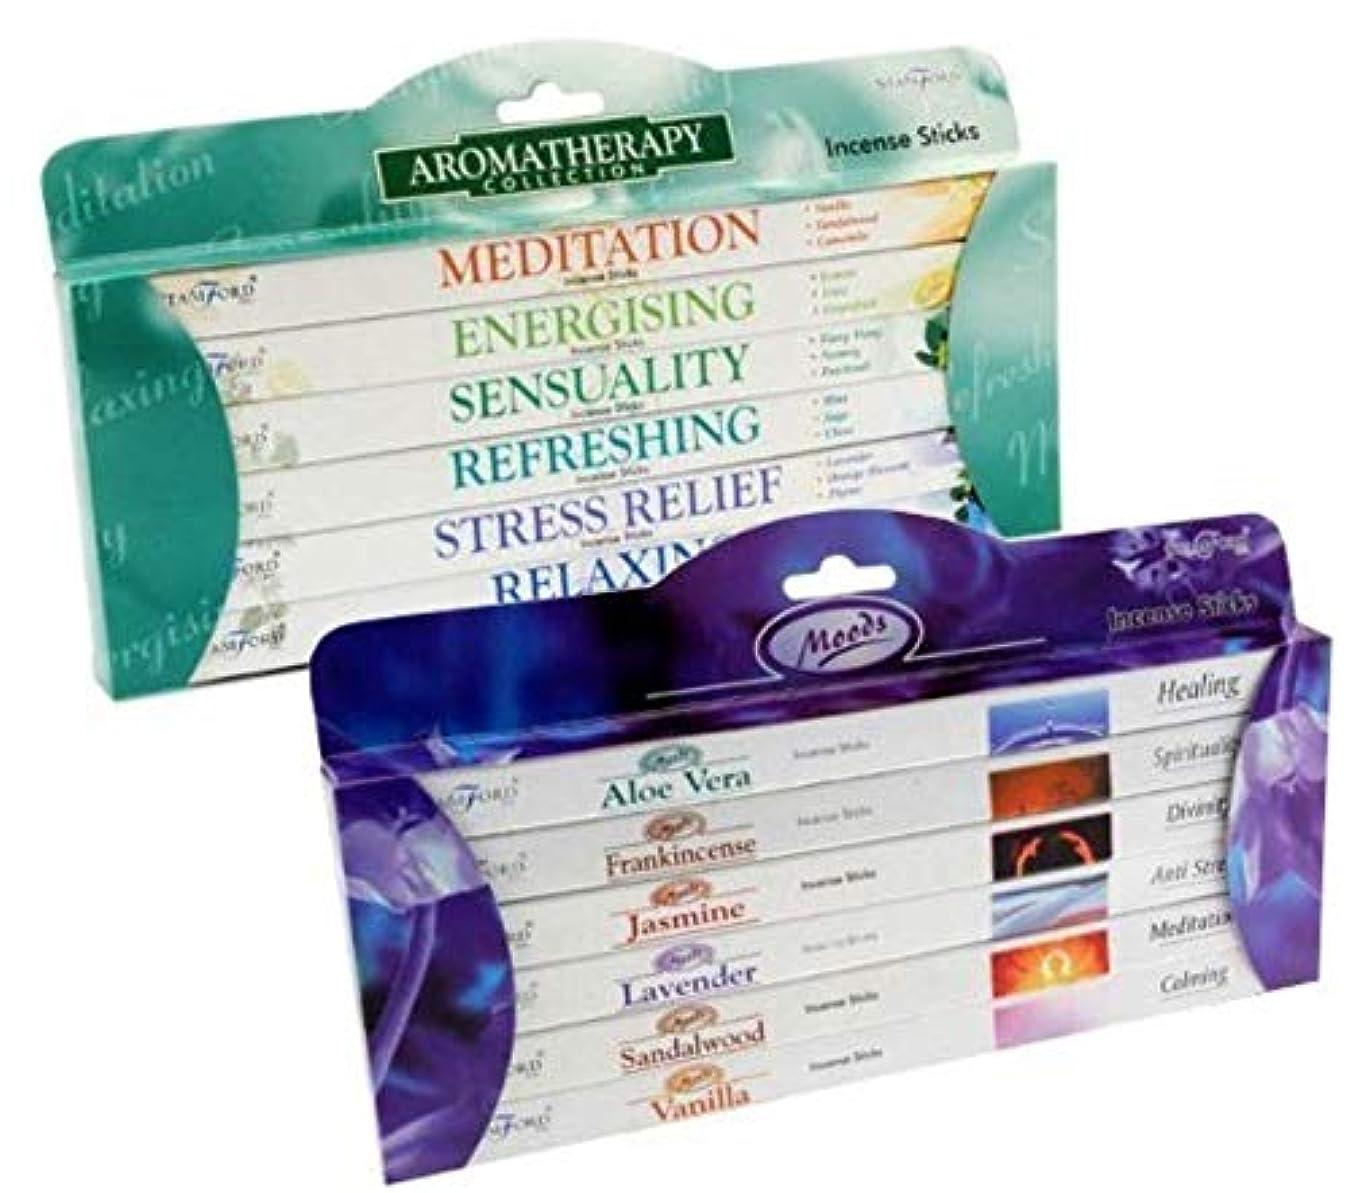 お風呂ジャムナラーバーValue Gift Set of 96 Incense Sticks - Moods and Aromatherapy by Stamford by Stamford and Tulasi